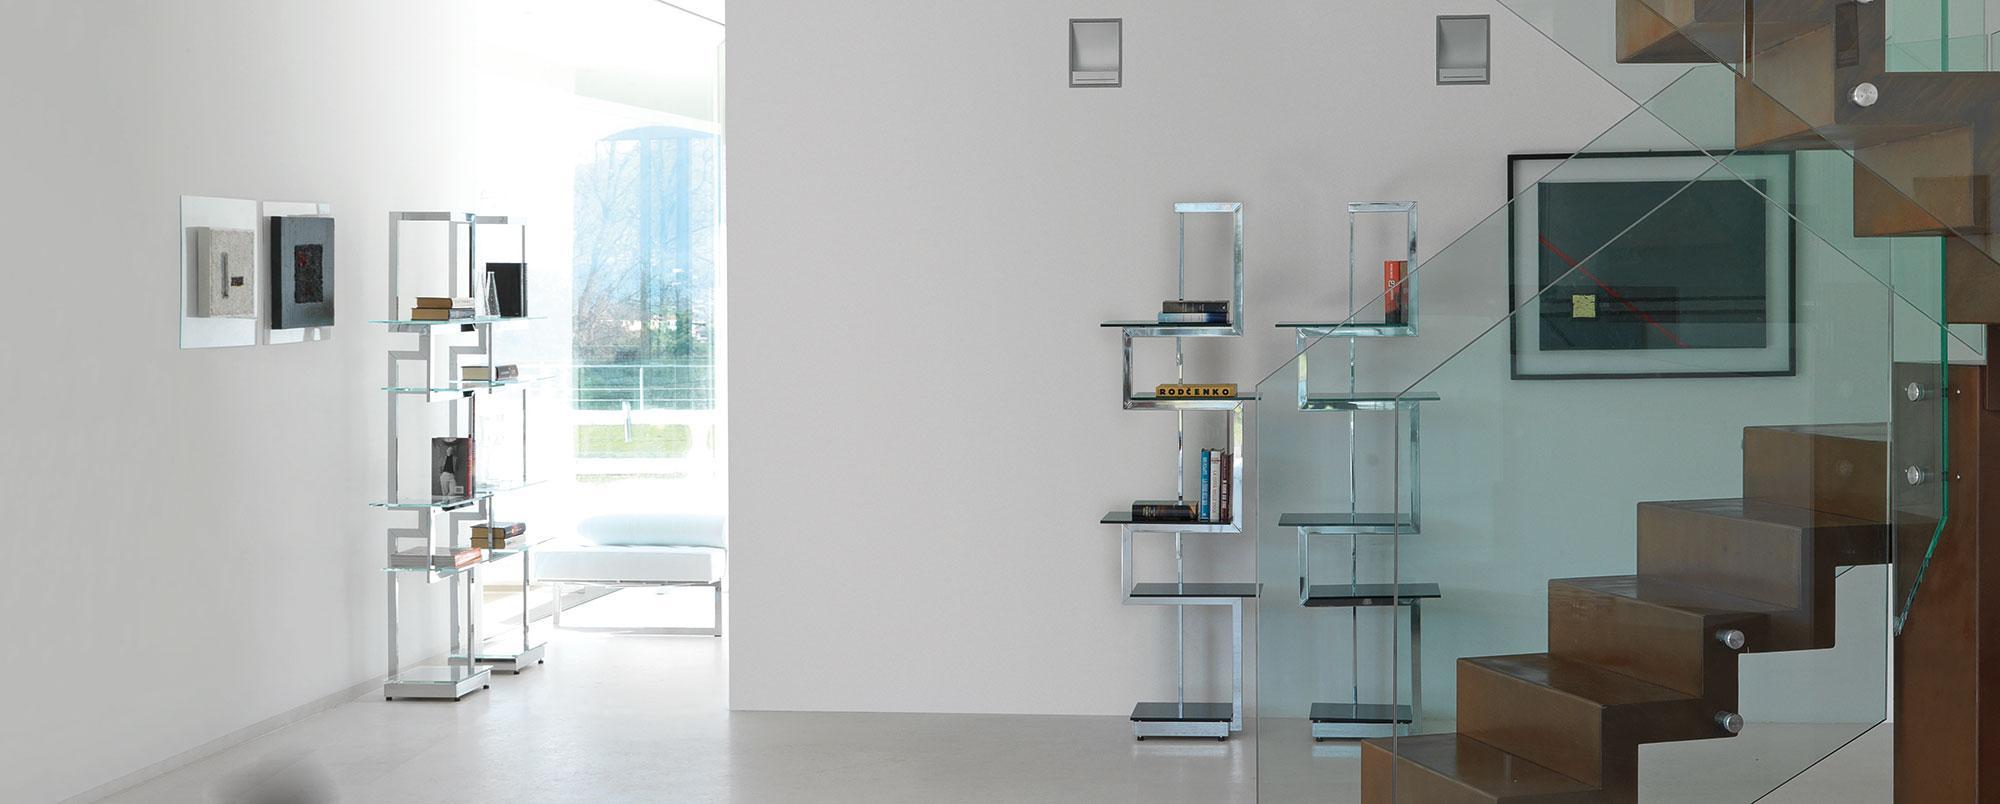 Heritage libreria metallo e vetro italy dream design for Libreria acciaio e vetro